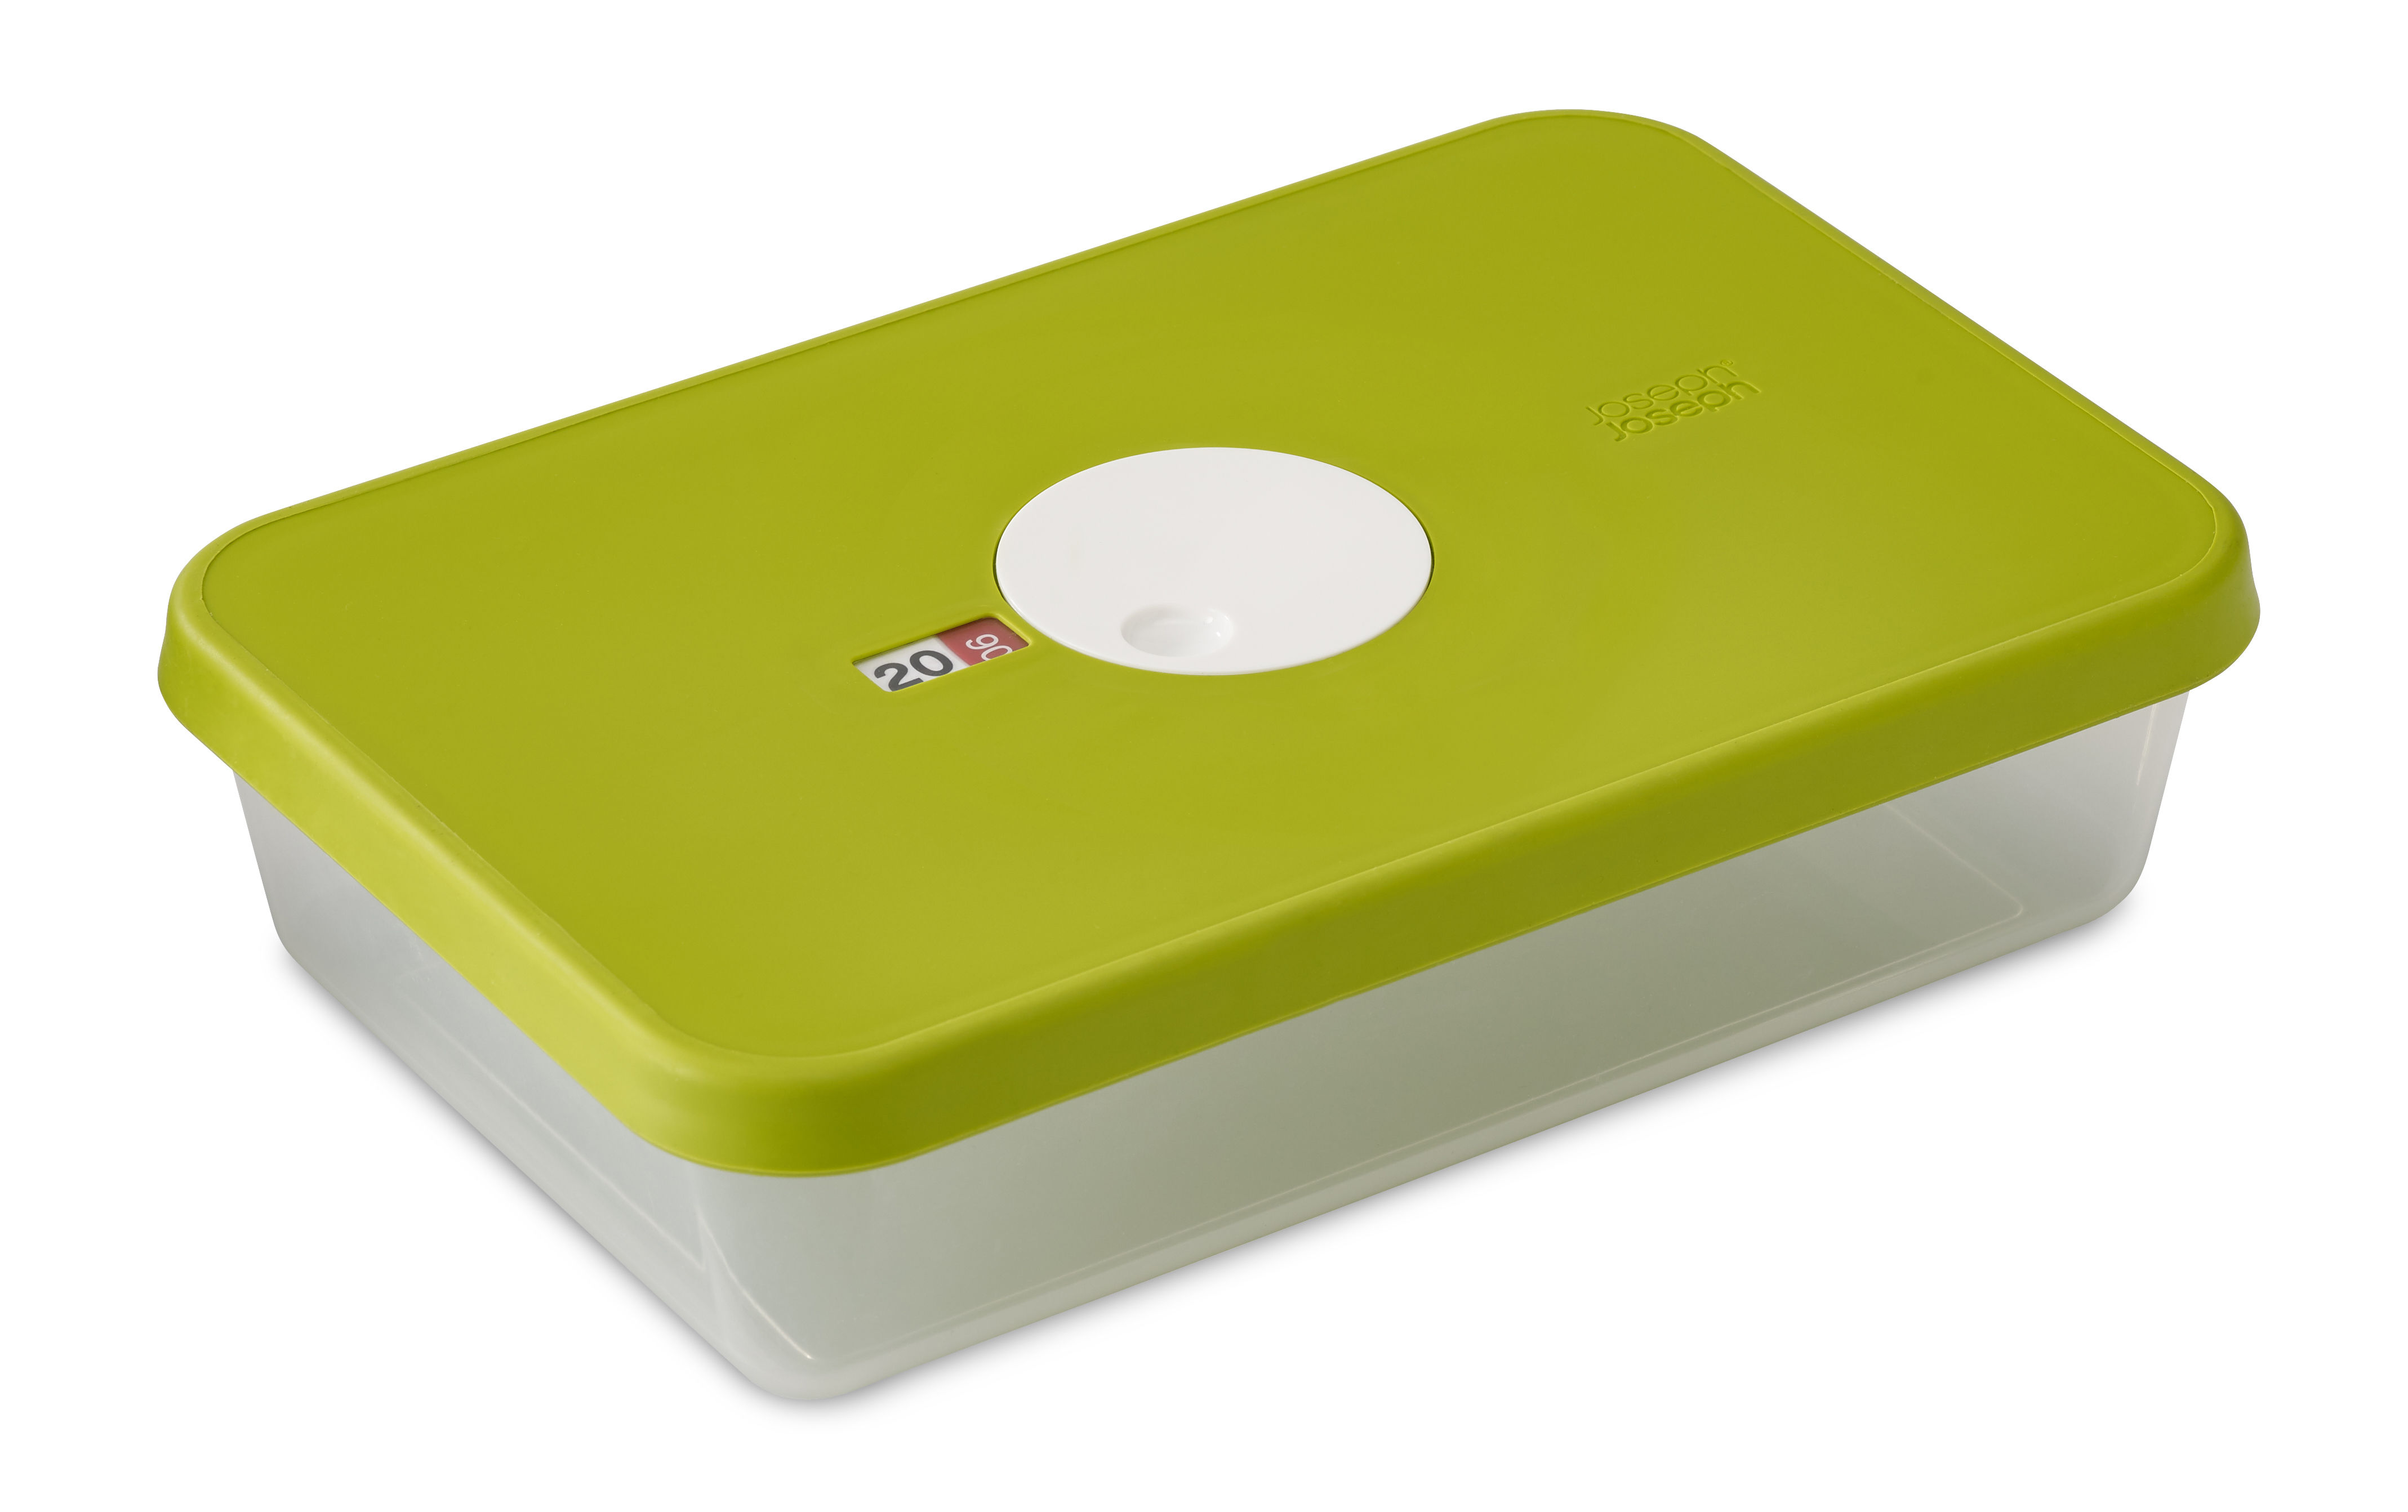 Cuisine - Boîtes, pots et bocaux - Boîte hermétique Dial / Empilable - Joseph Joseph - Vert / Capacité : 2,4 L - Matière plastique